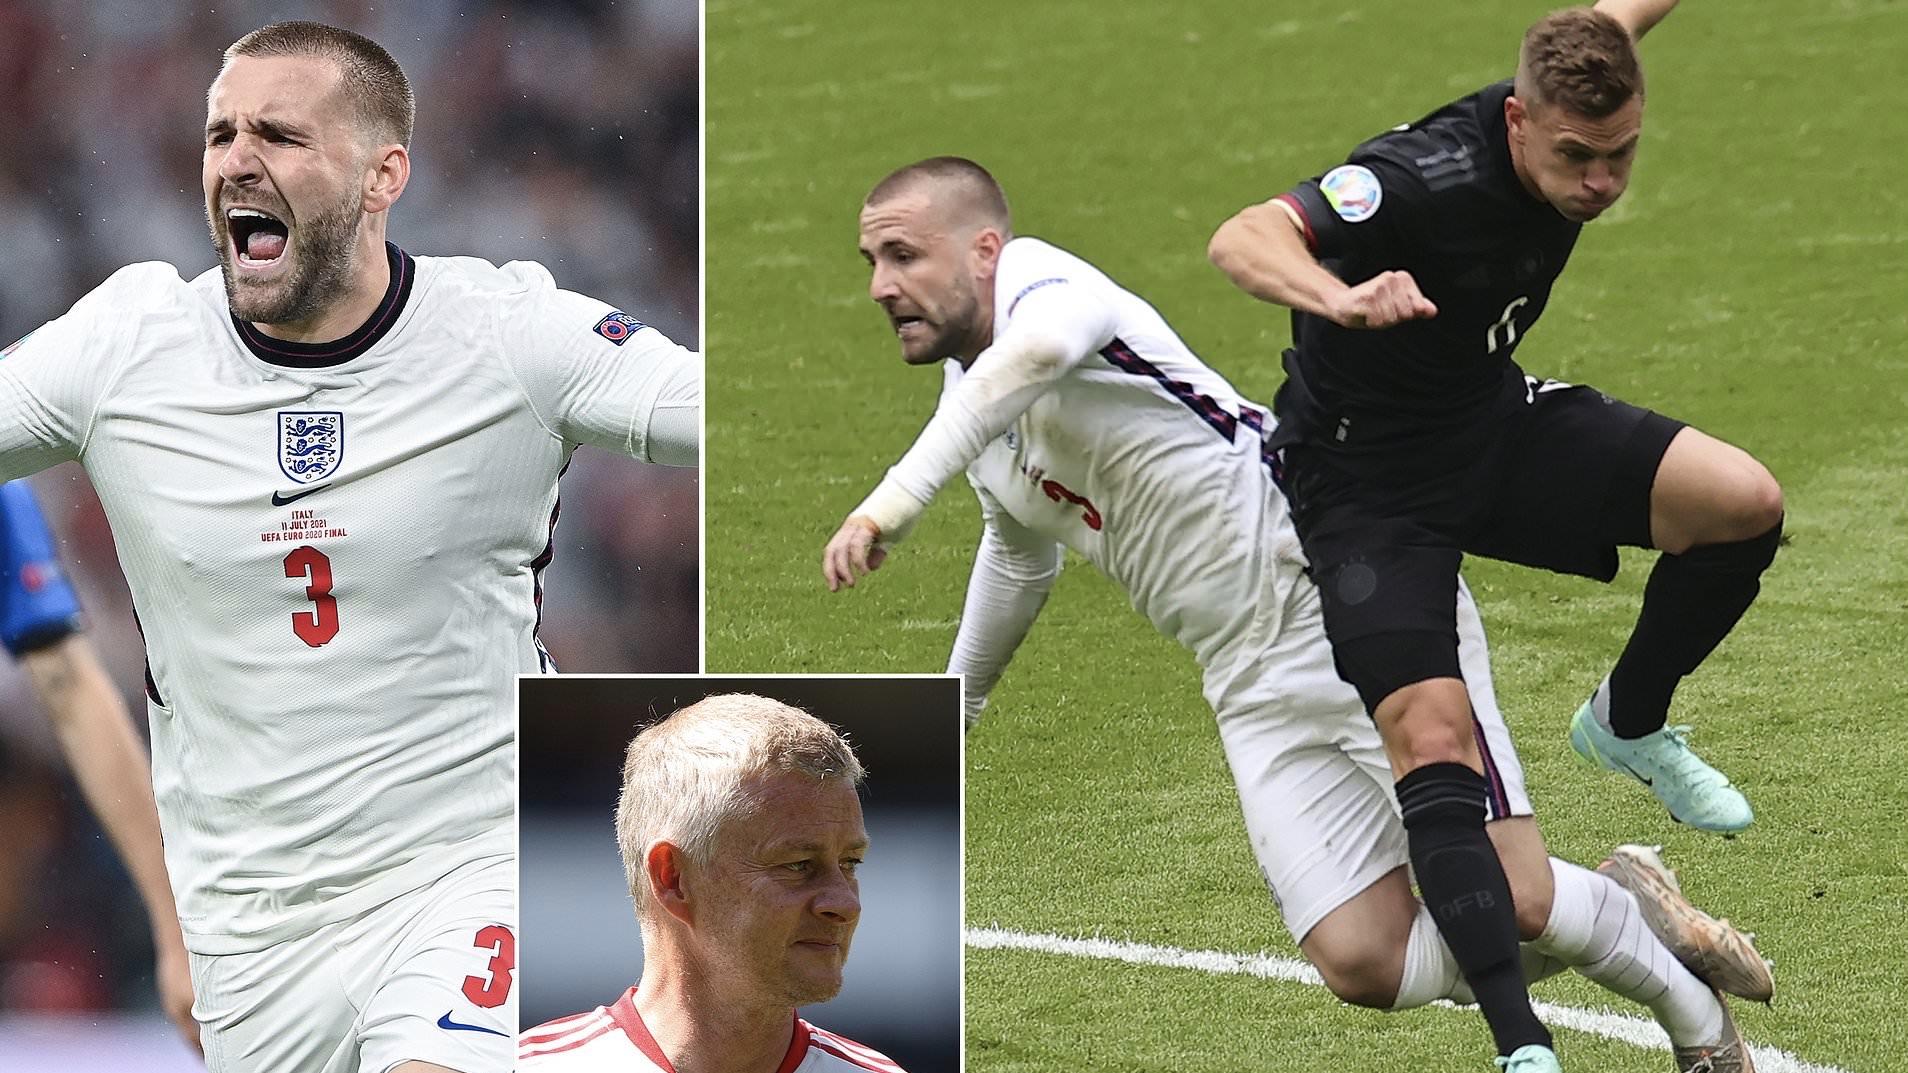 SỐC: Shaw đá 3 trận liên tiếp tại EURO trong tình trạng... gãy xương sườn